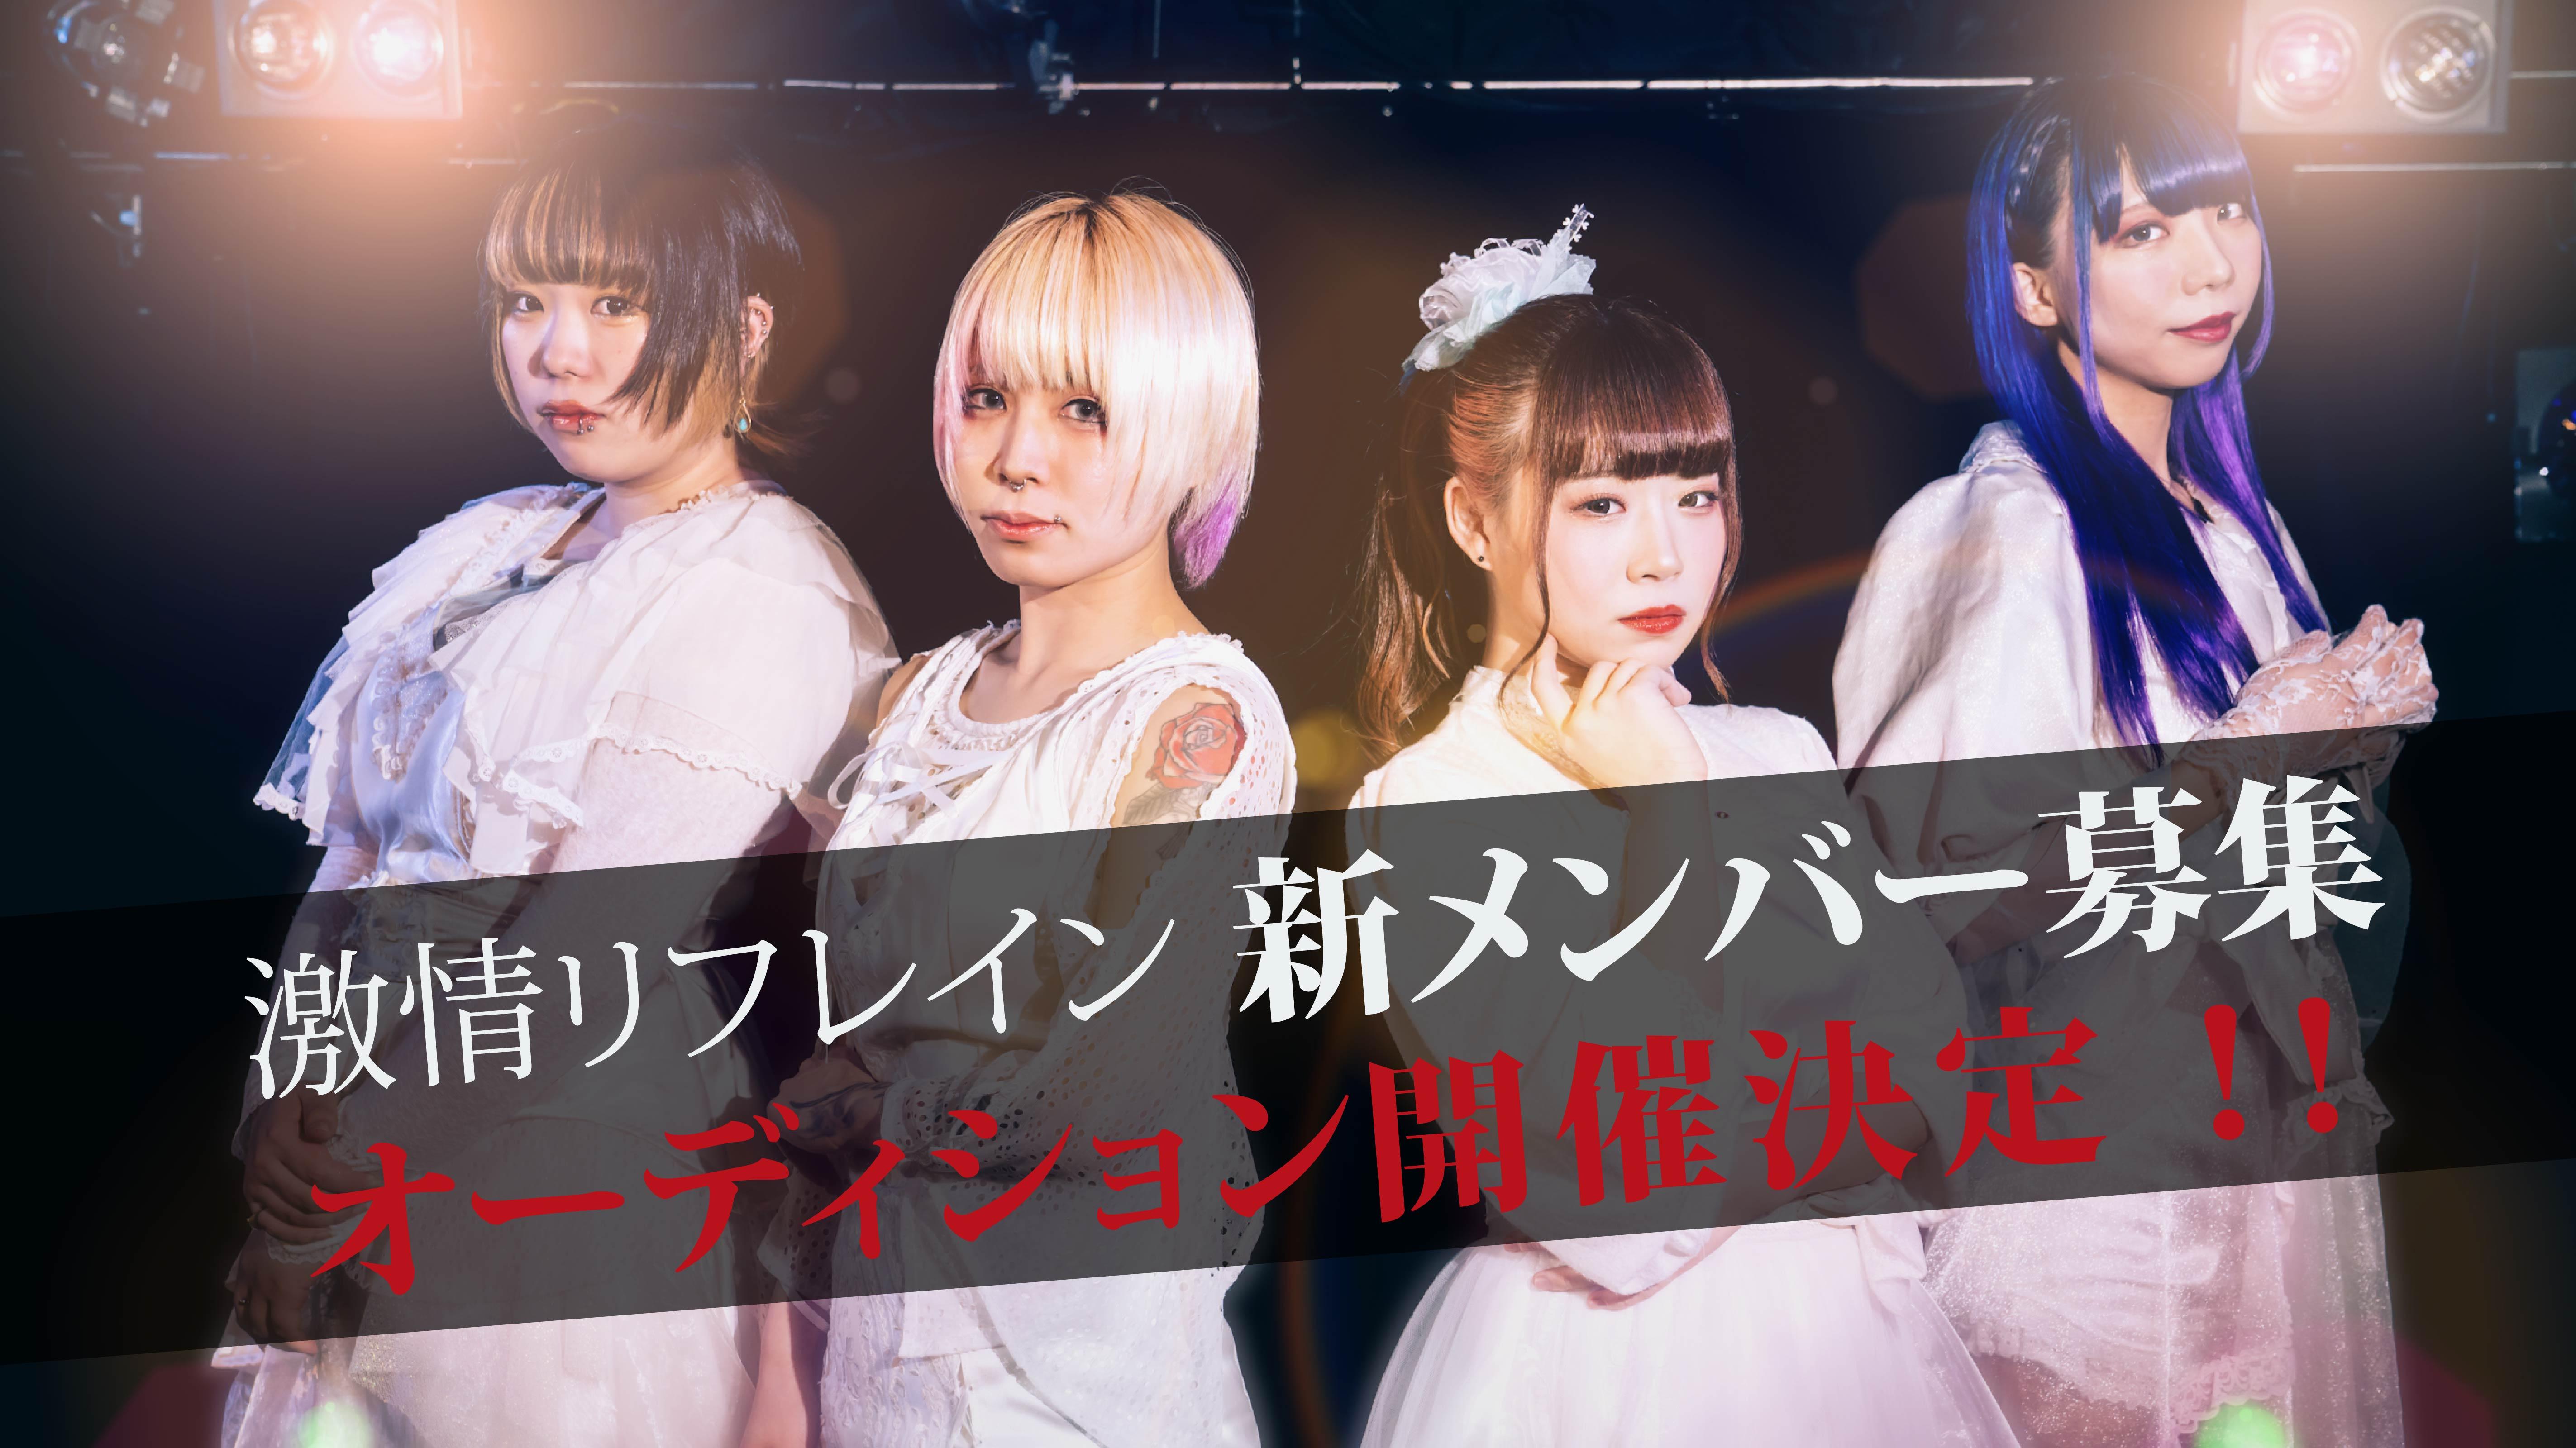 オーディション [名古屋ラウドロックアイドル]激情リフレイン新メンバー募集 新しい激情リフレインを創る仲間を募集します 主催:ANK MUSIC LABES、カテゴリ:アイドル(東京以外)